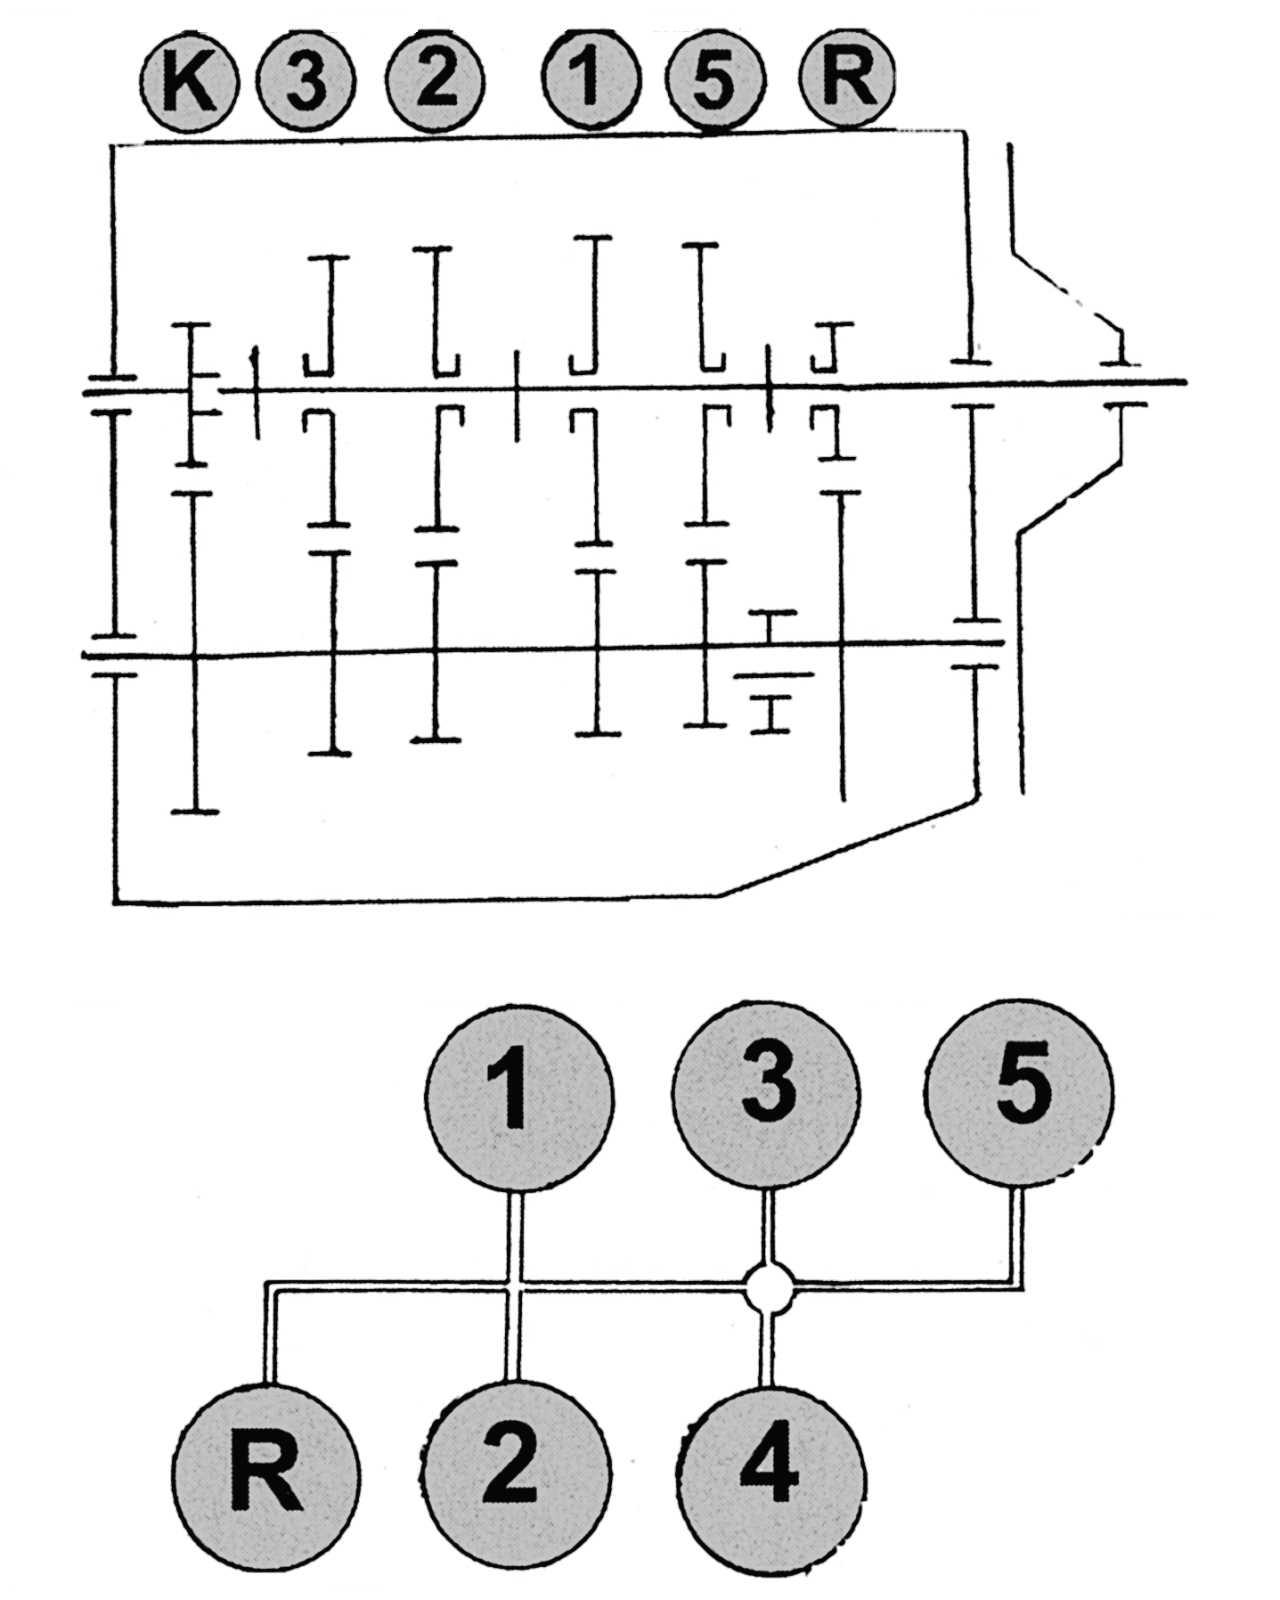 схема переключения коробки передач трактора мтз 80